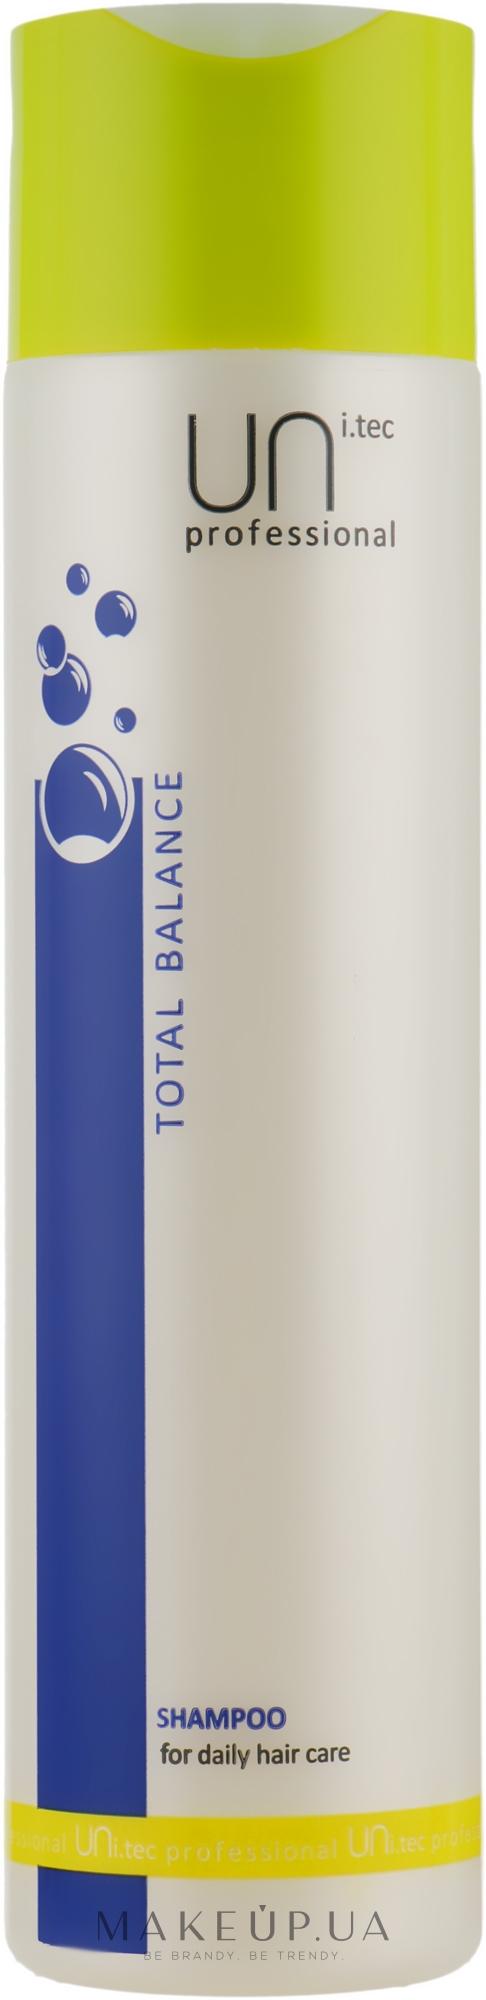 Шампунь для щоденного використання - UNi.tec Professional Total Balance Shampoo — фото 250ml